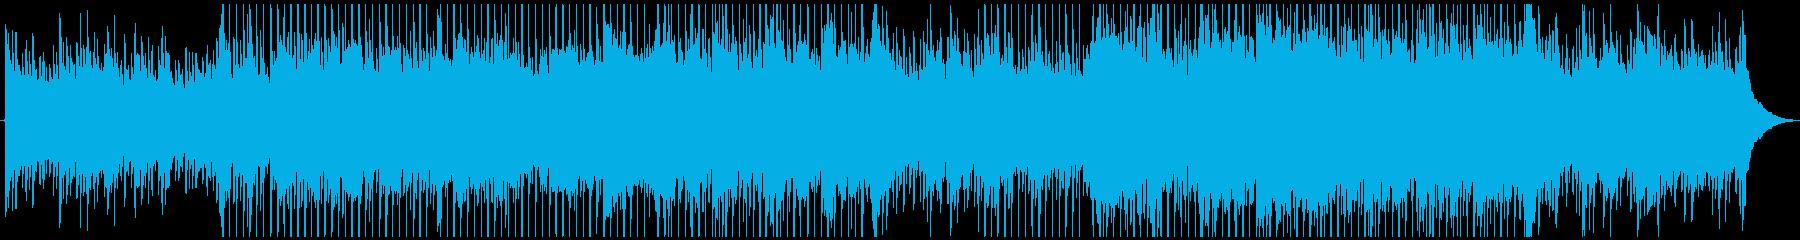 コーポレート ほのぼの 幸せ ピア...の再生済みの波形